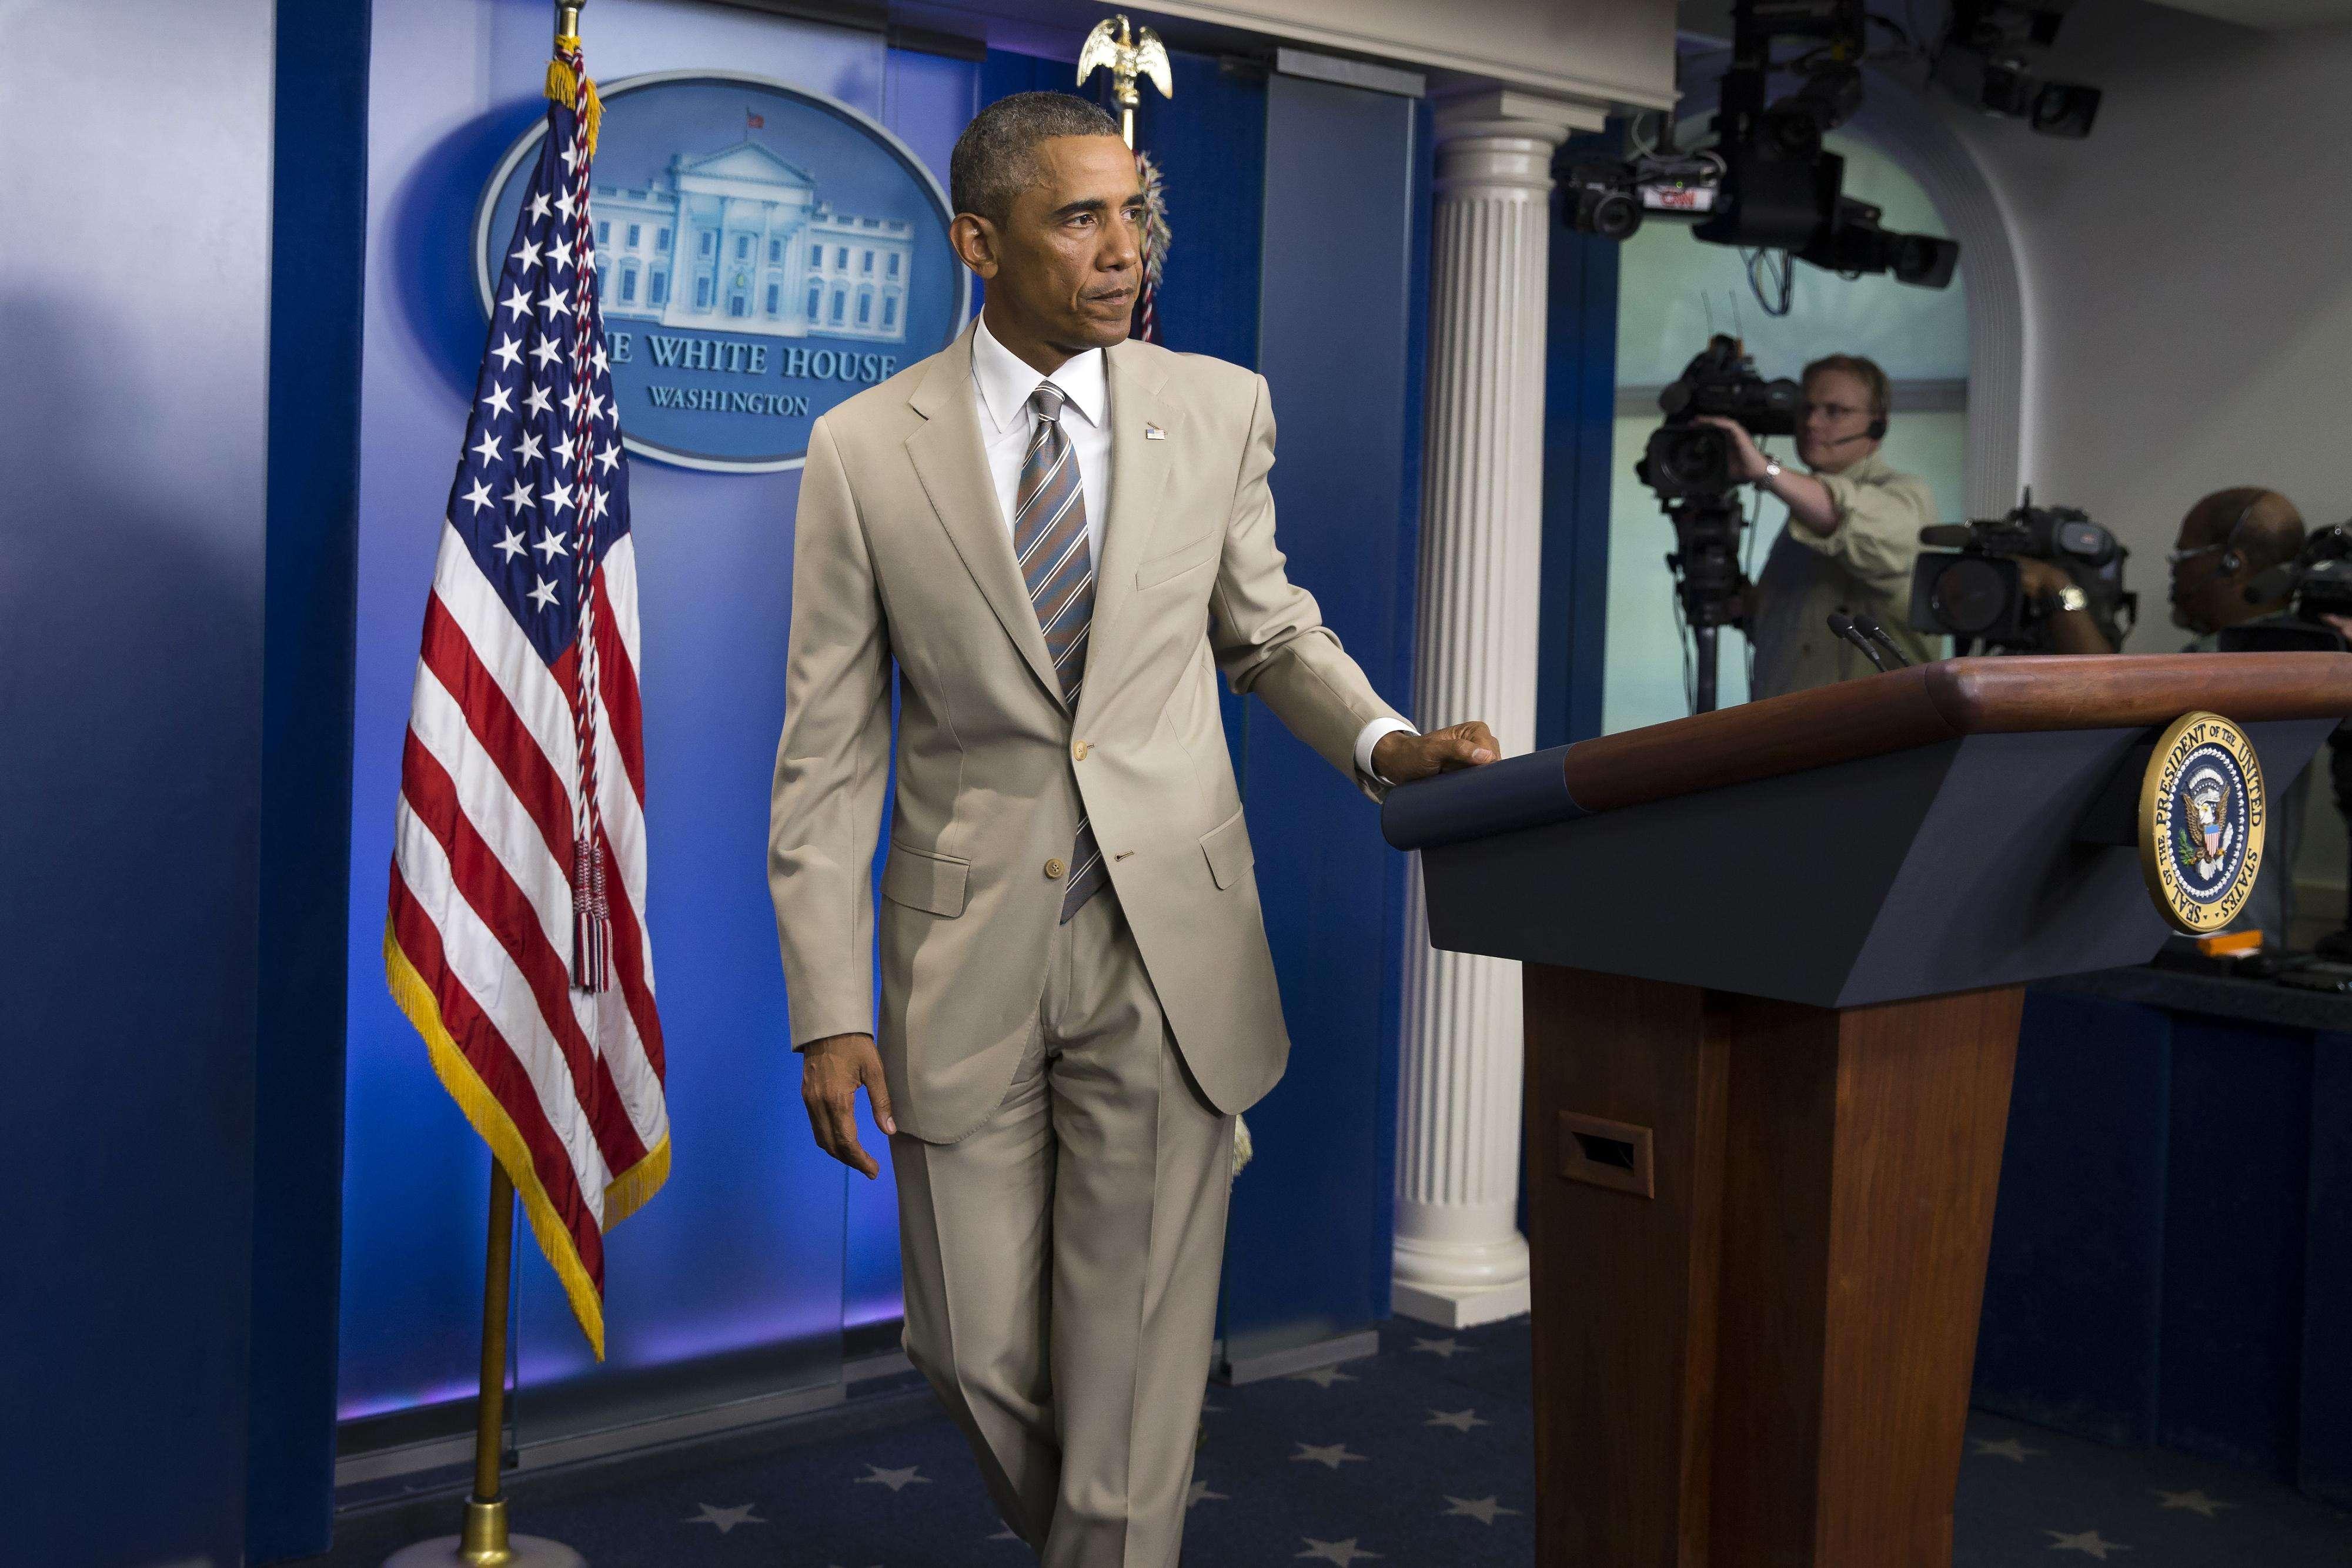 Traje arena de Obama causa ola de comentarios en internet